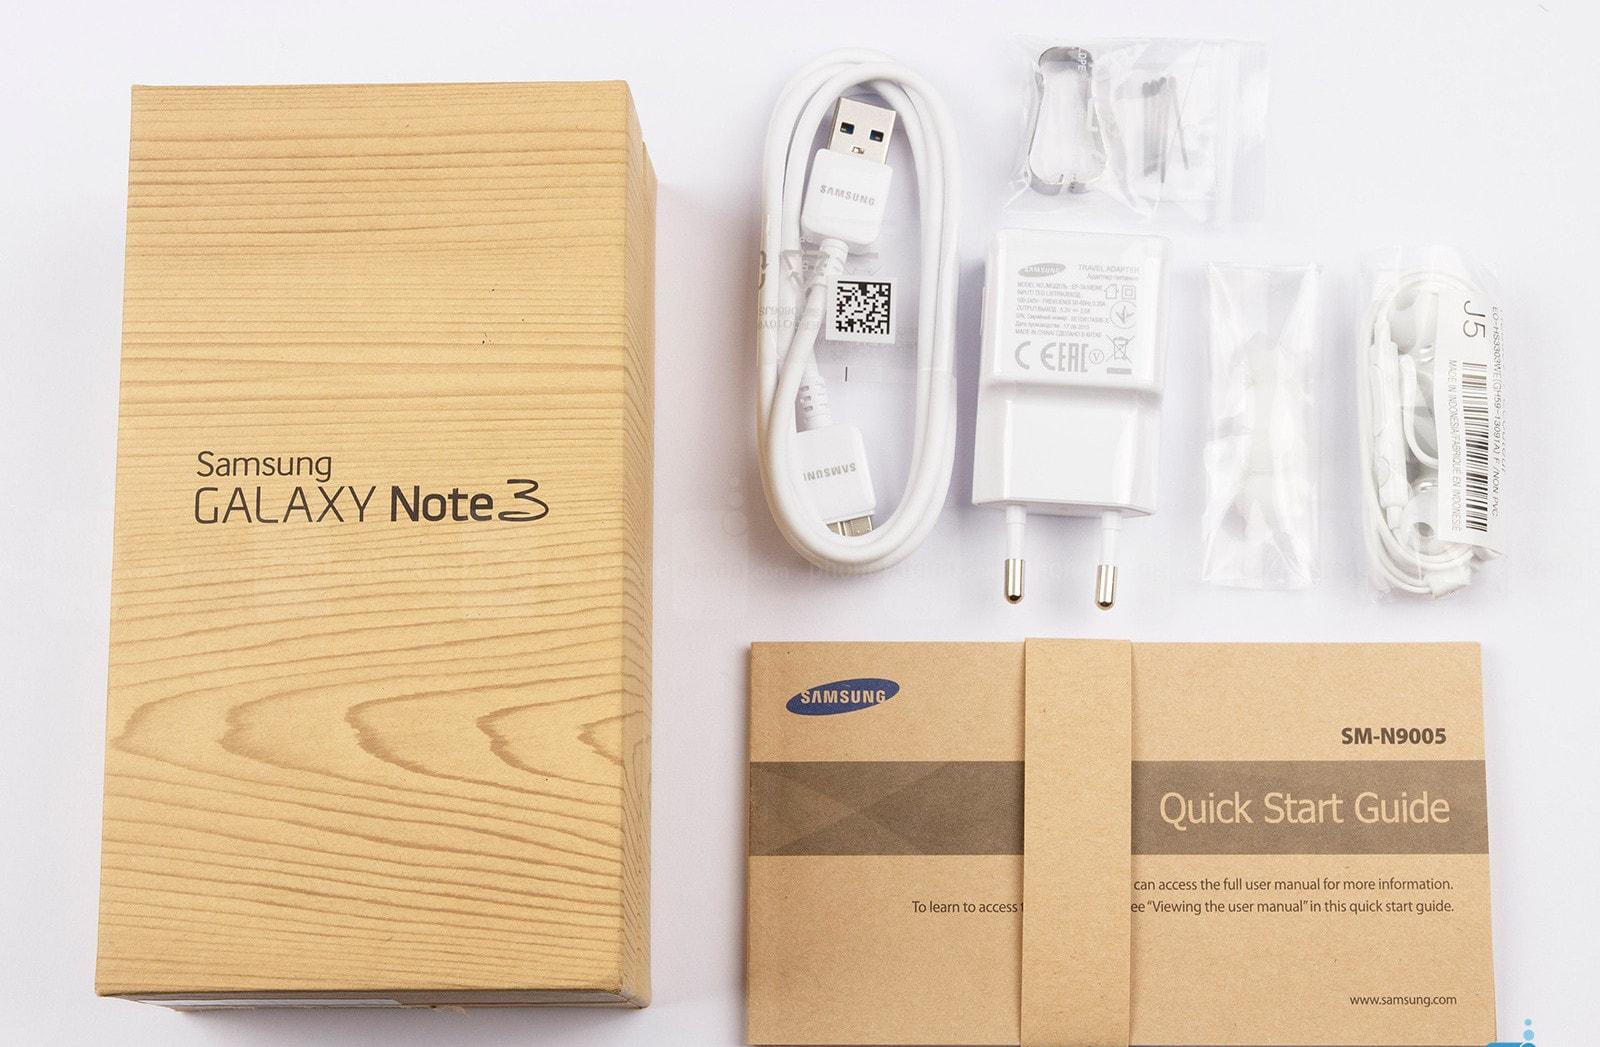 Samsung-Galaxy-Note-3-Kisiyorumlari